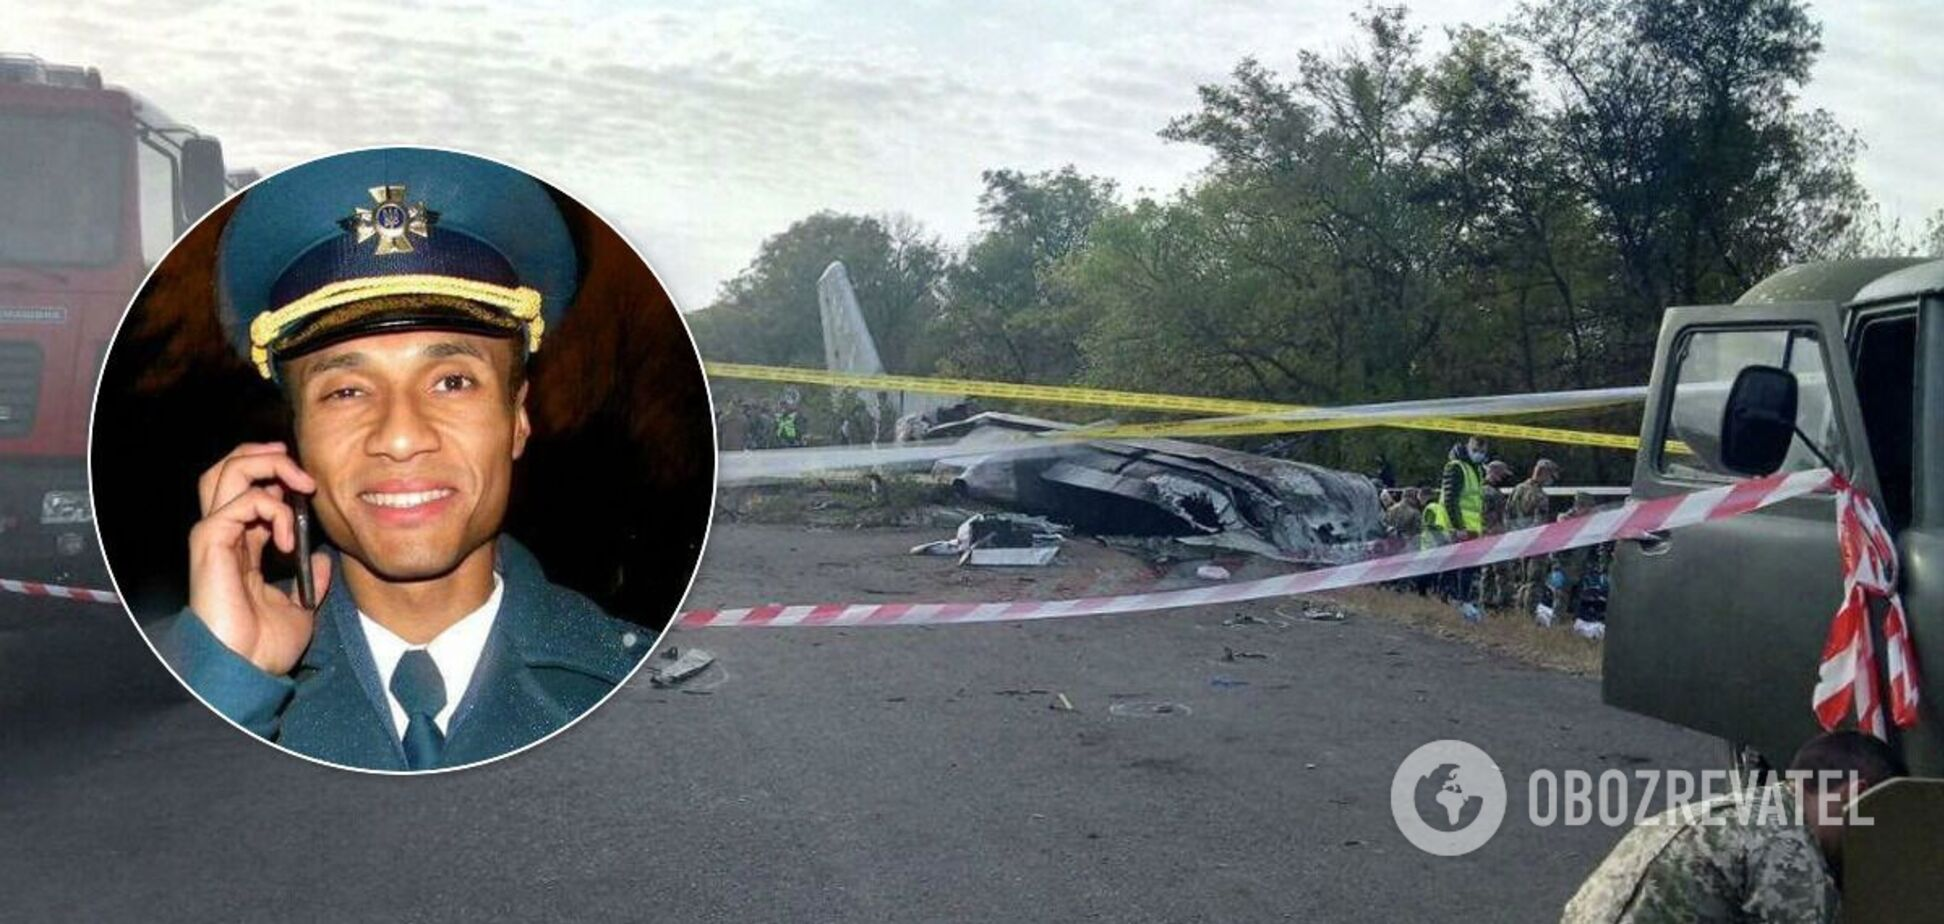 Пилот рассказал, что двигатели самолета неоднократно отказывали